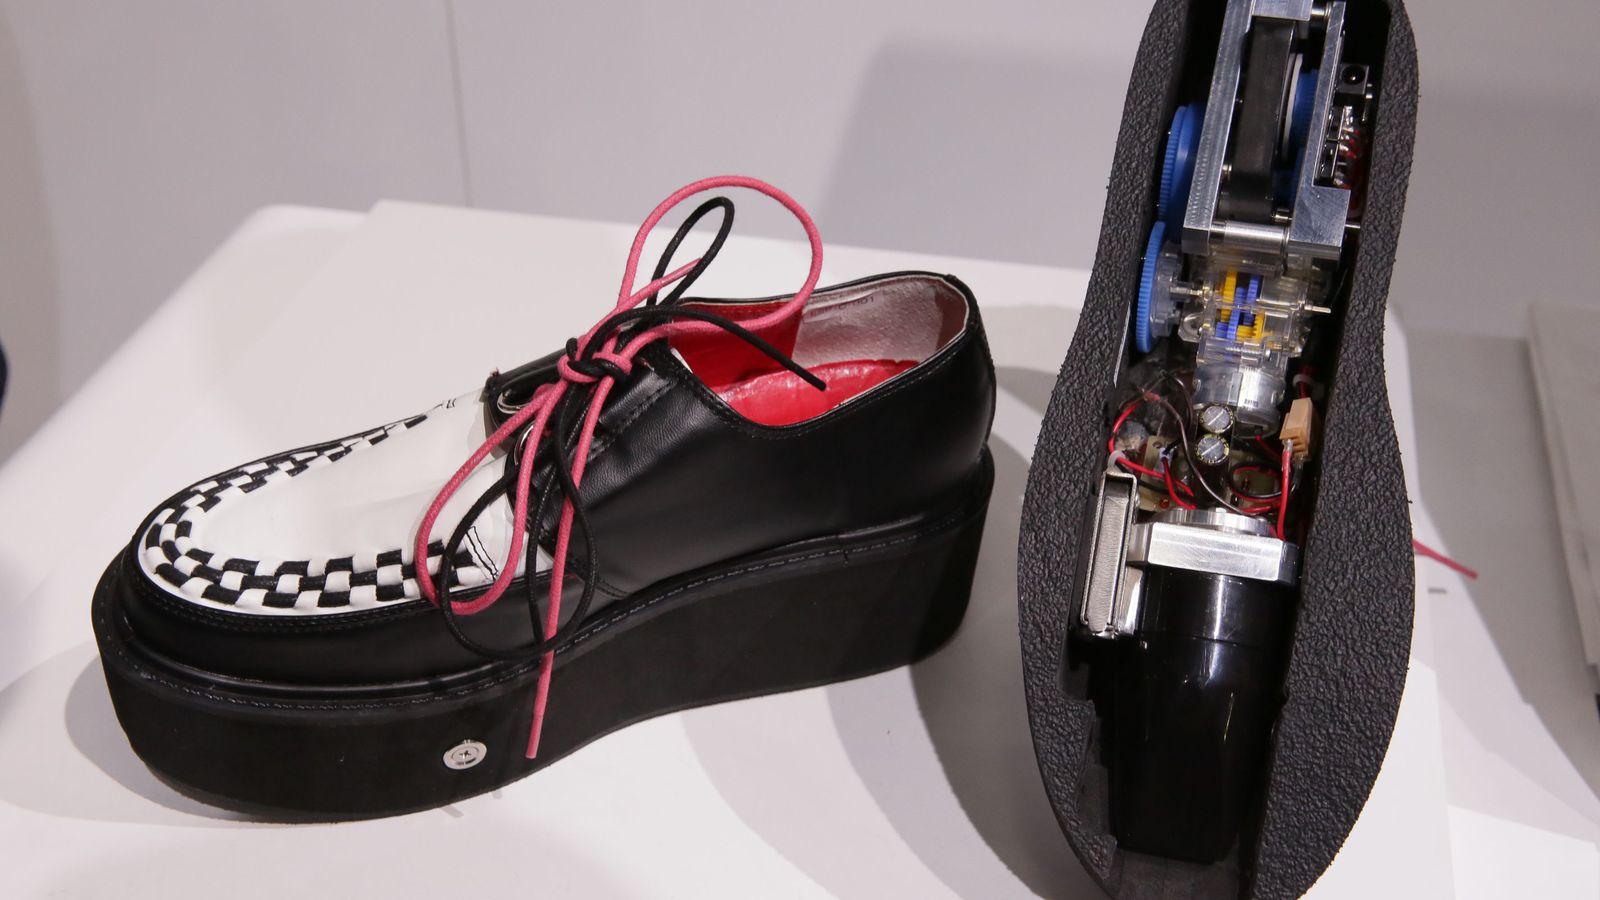 denso-vacuum-shoe-ces-2017-04